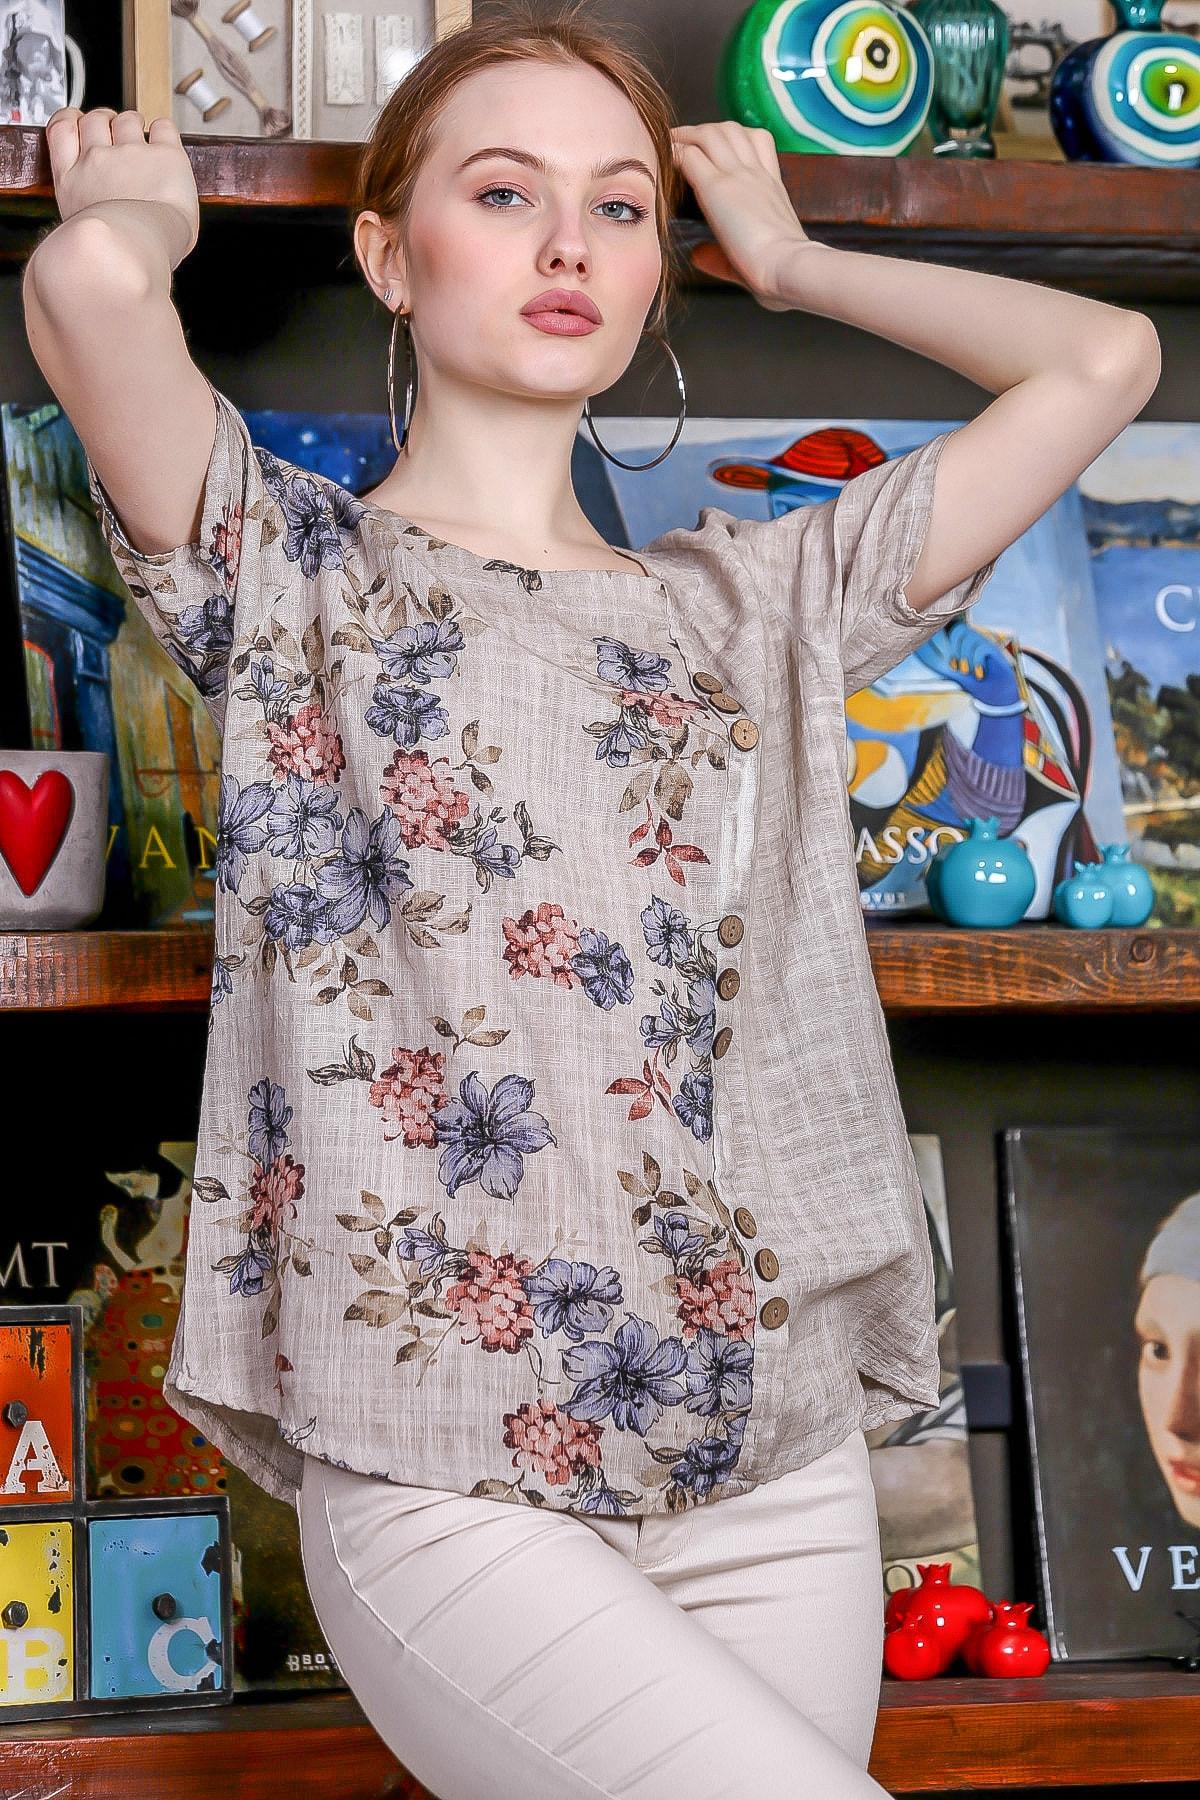 Chiccy Kadın Bej-Rose U Yaka Çiçek Bloklu Süs Düğme Detaylı Kısa Kollu Bluz M10010200BL95492 1